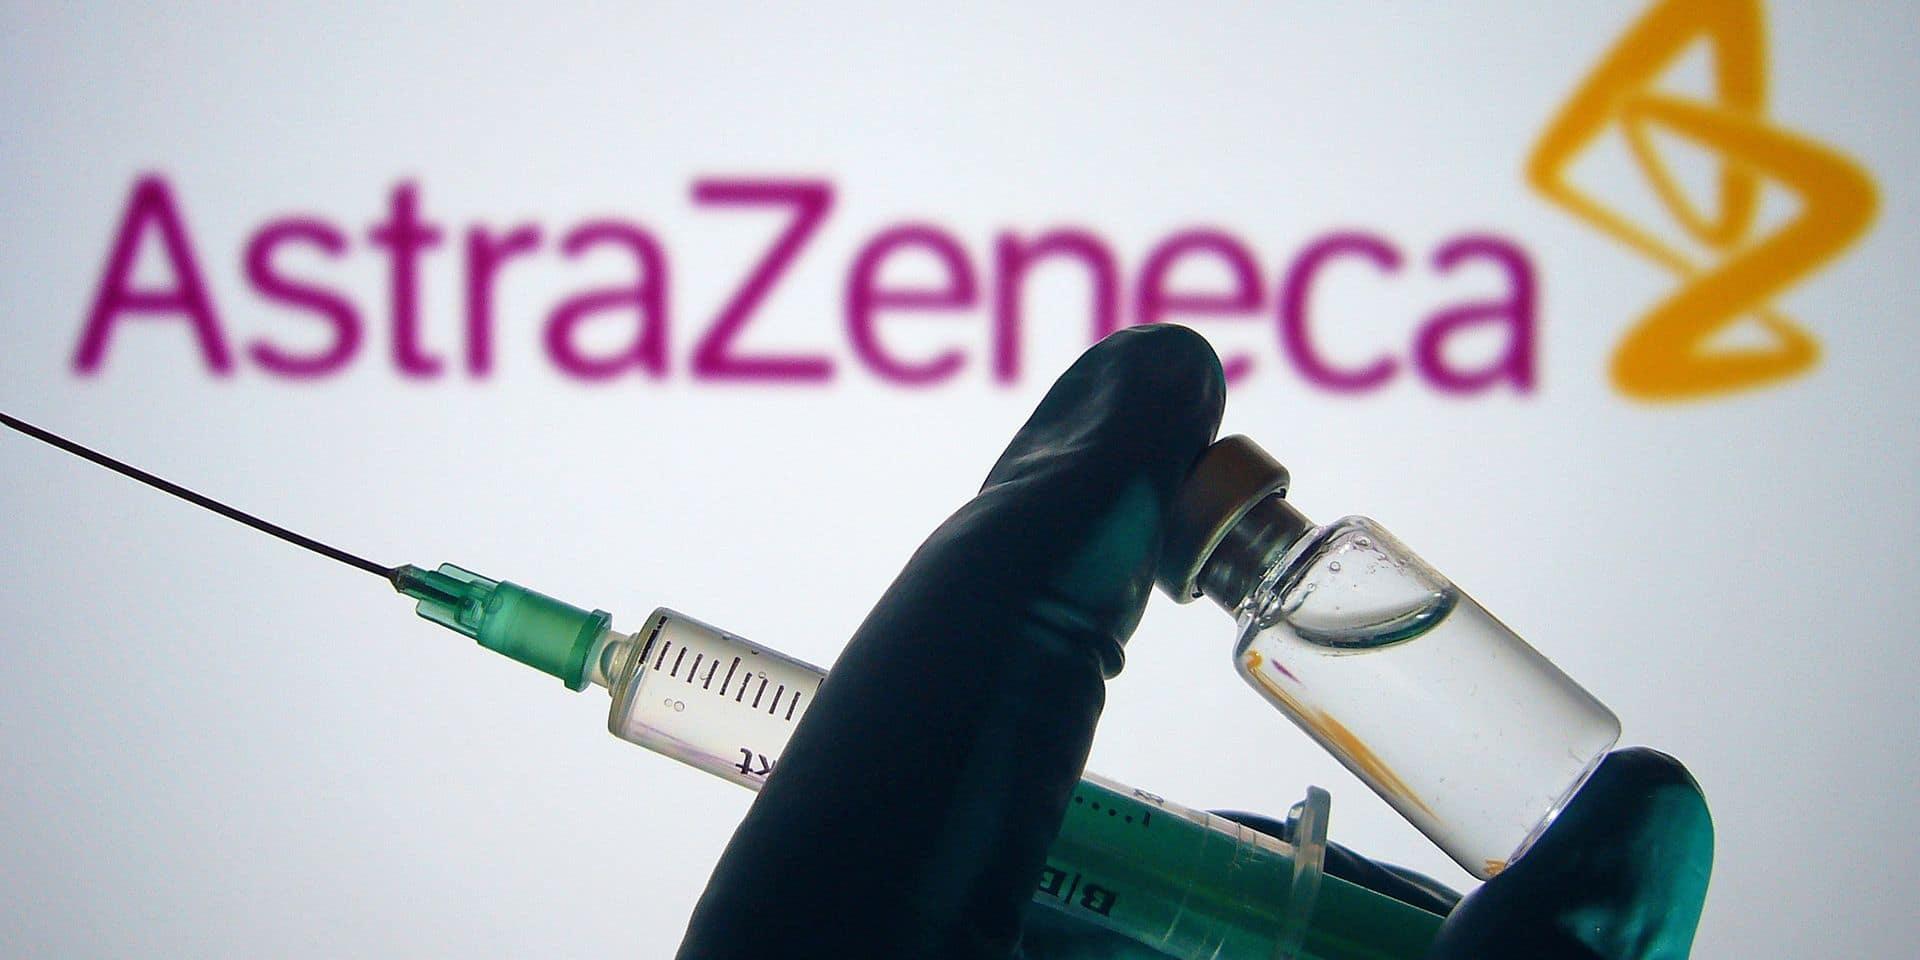 Le vaccin AstraZeneca ne sera pas administré aux plus de 55 ans en Belgique, annonce Frank Vandenbroucke